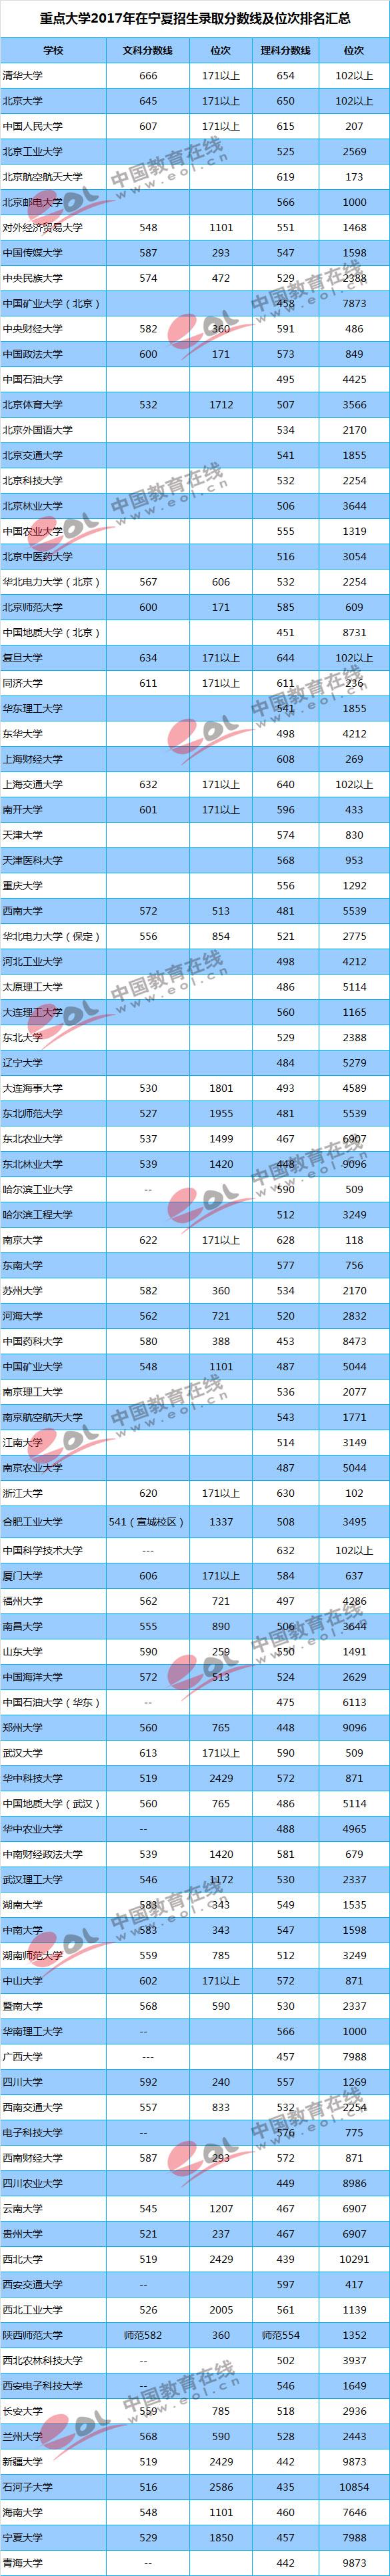 2017重点大学在宁夏招生录取分数线汇总